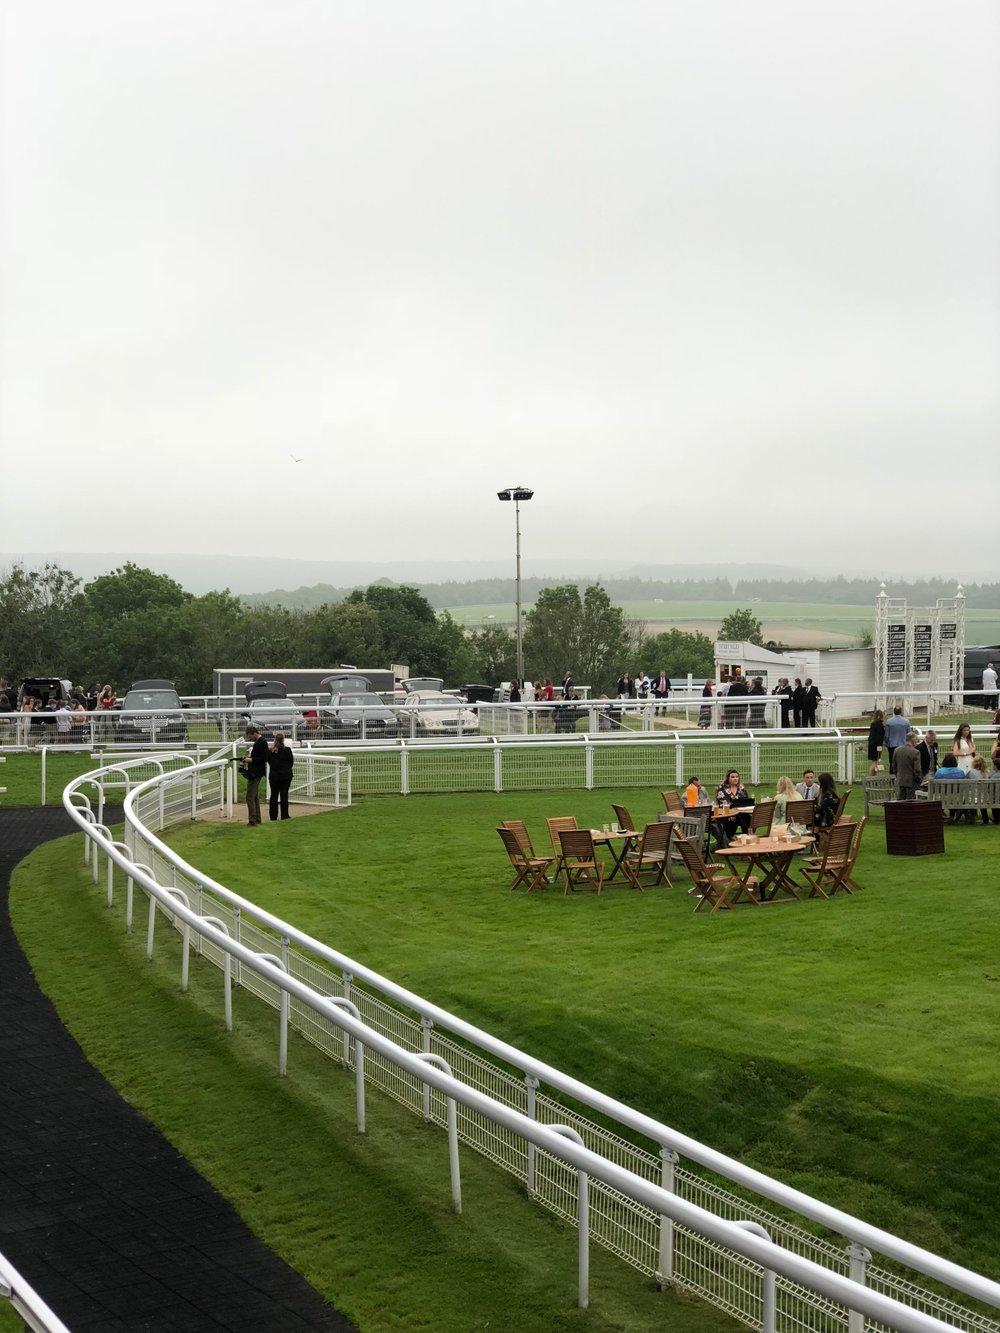 Goodwood Races on a misty day